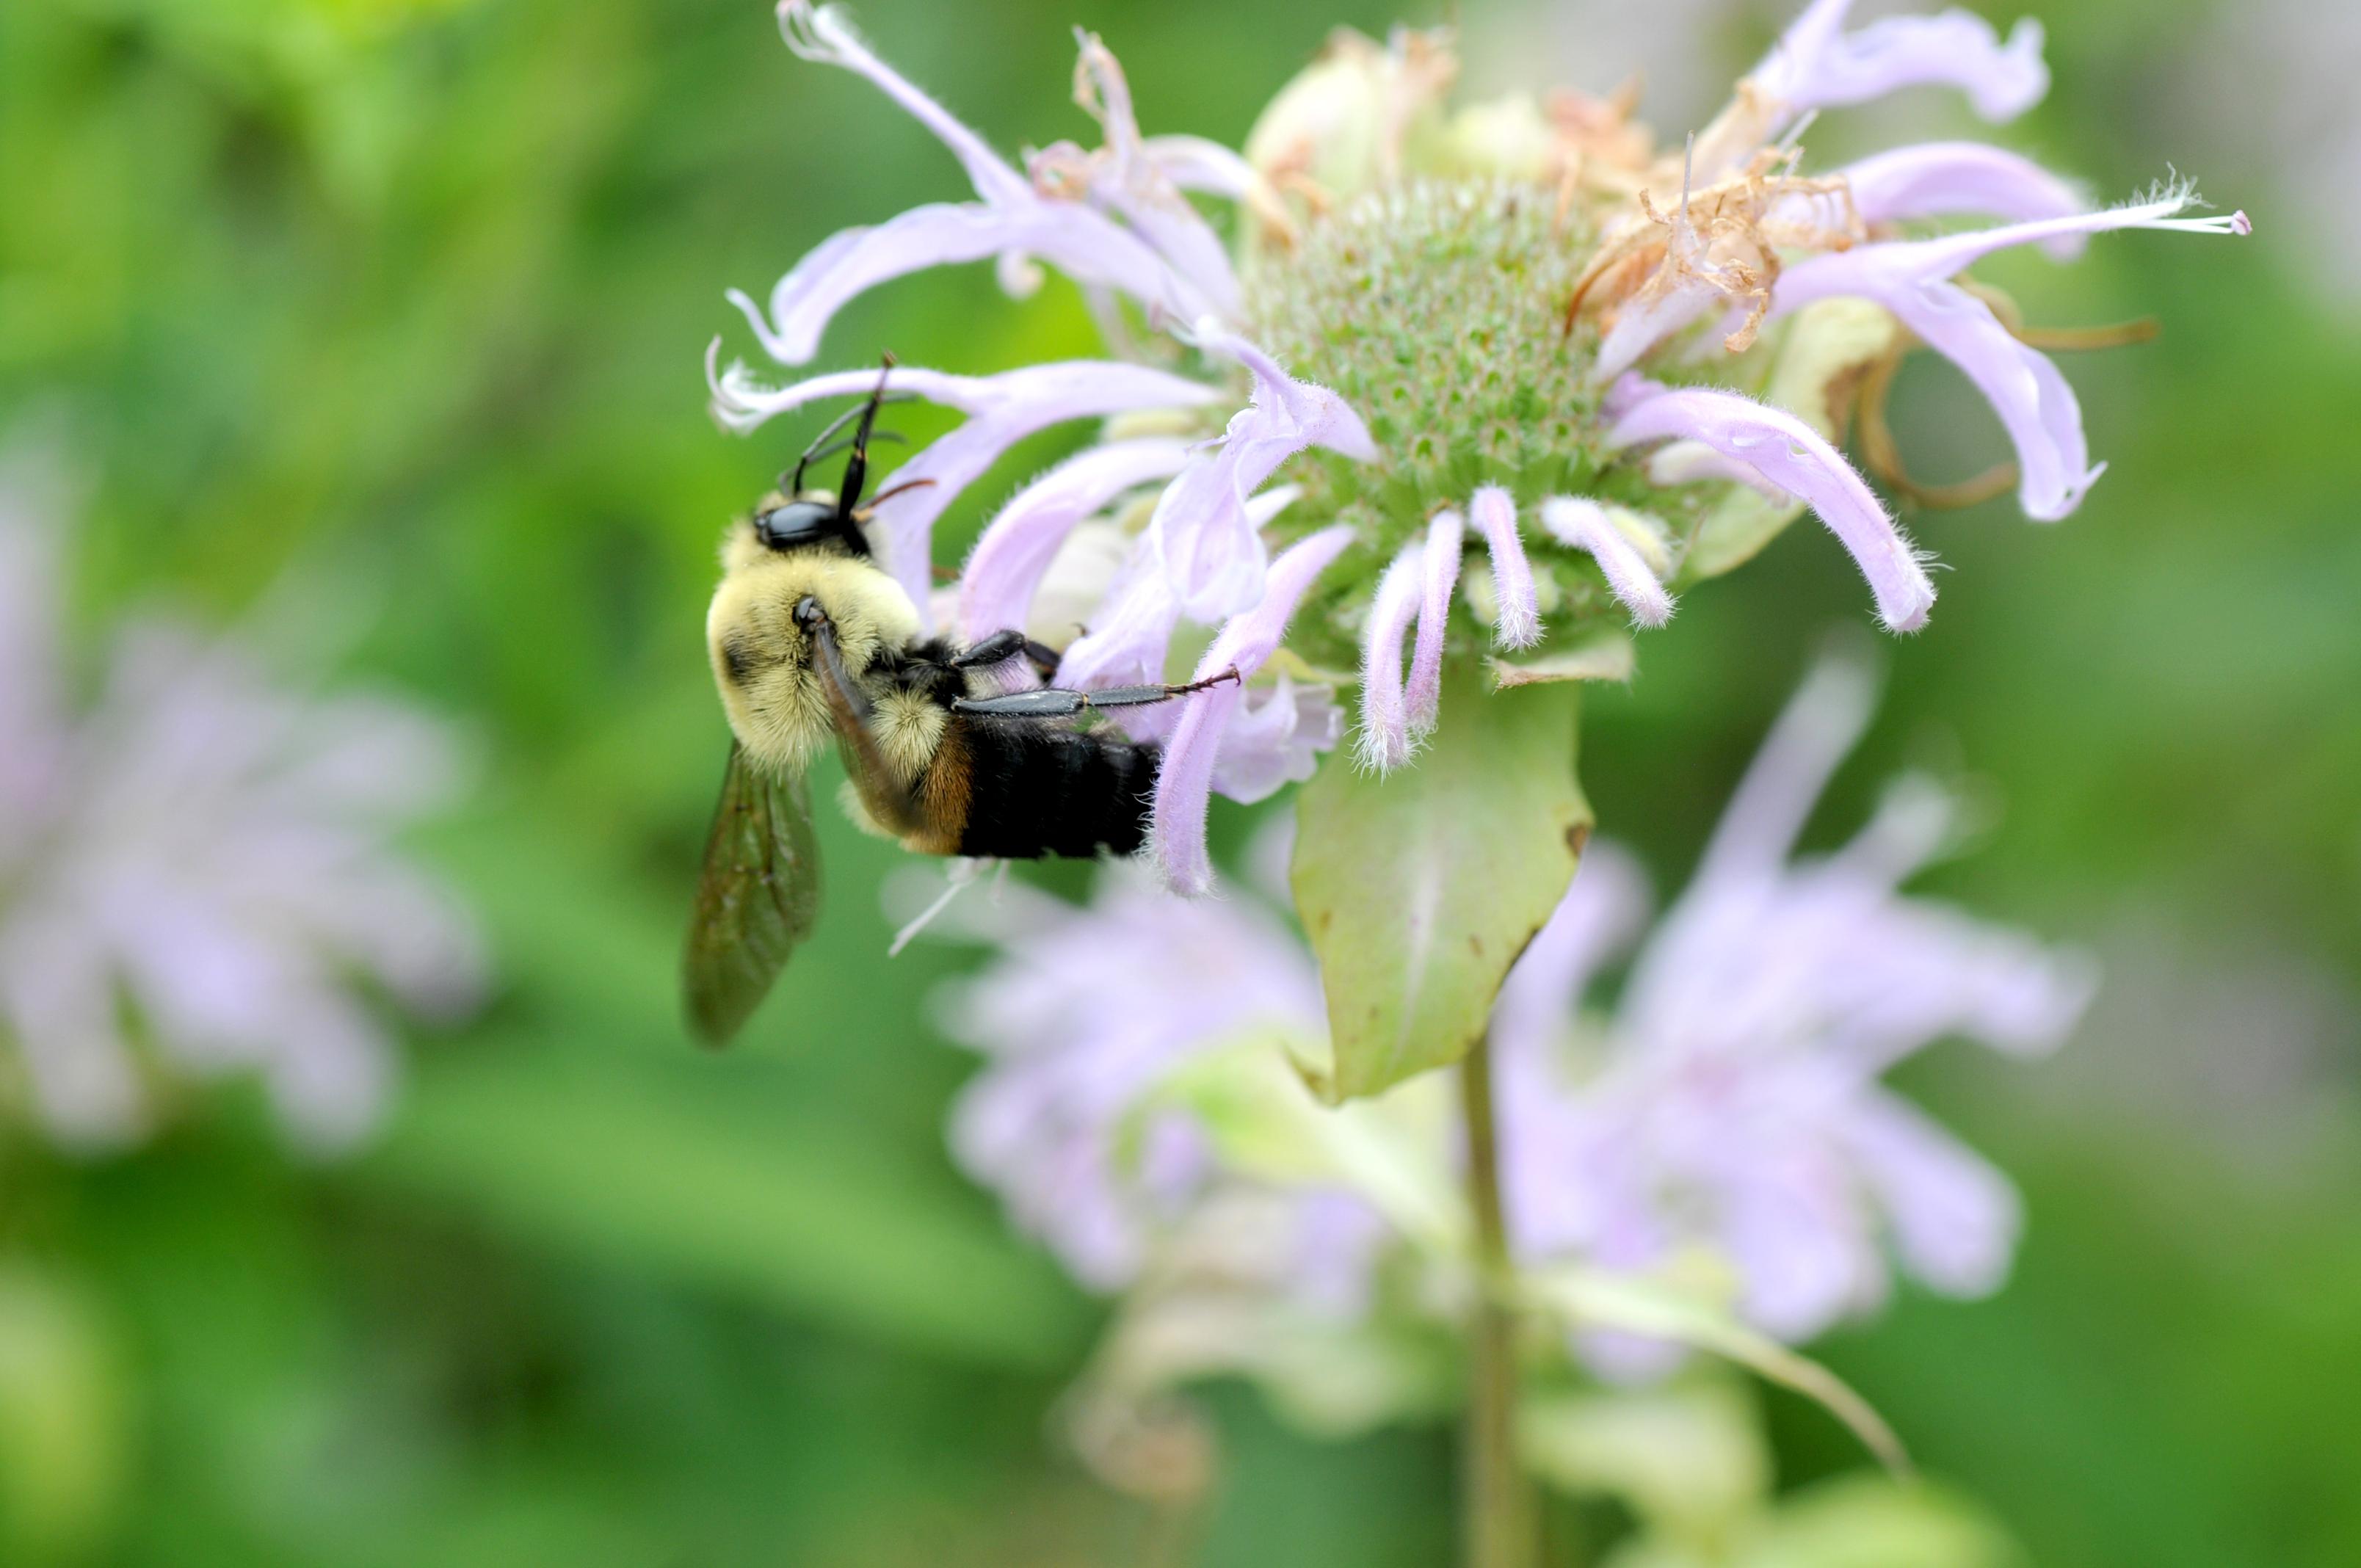 Bumblebee on bergamot